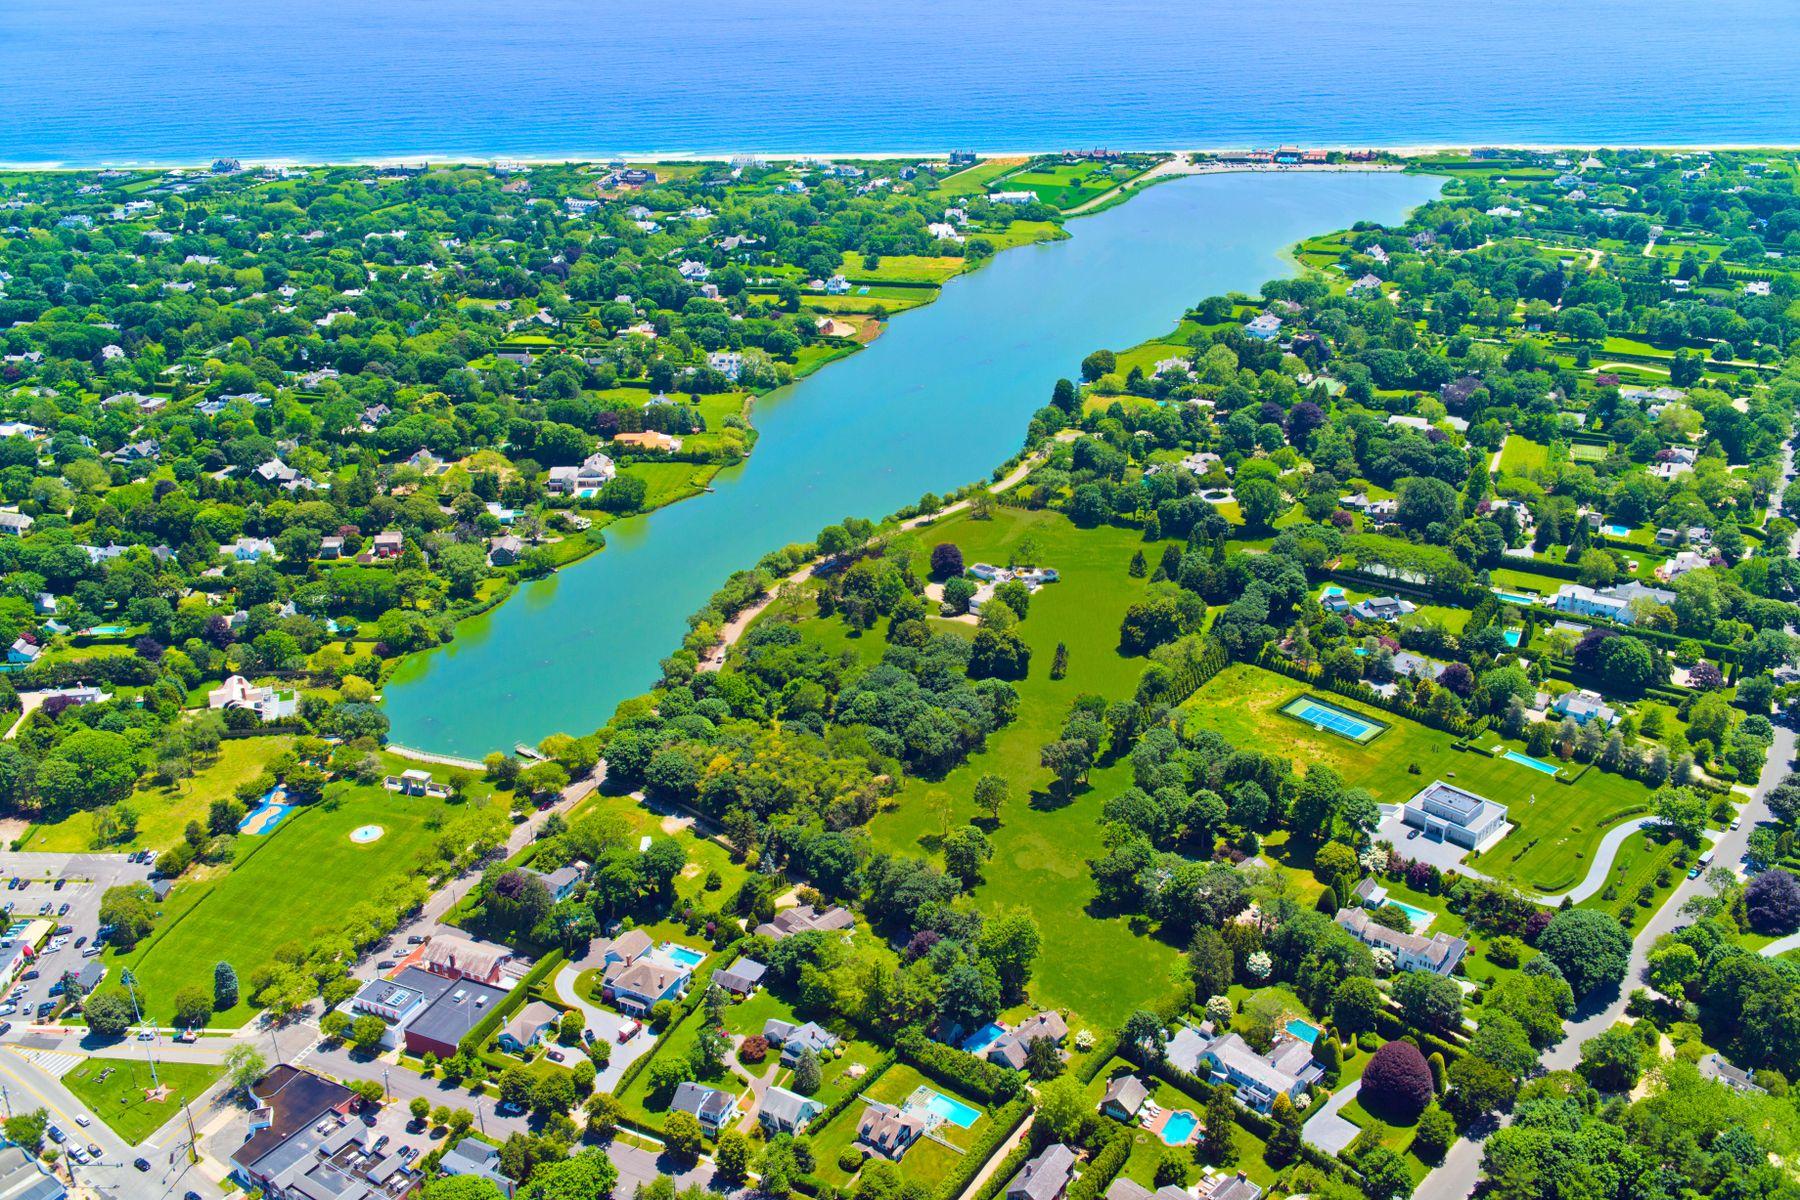 Terreno por un Venta en Water Views Lake Agawam 111 Pond Lane, Lot 3 Southampton, Nueva York 11968 Estados Unidos